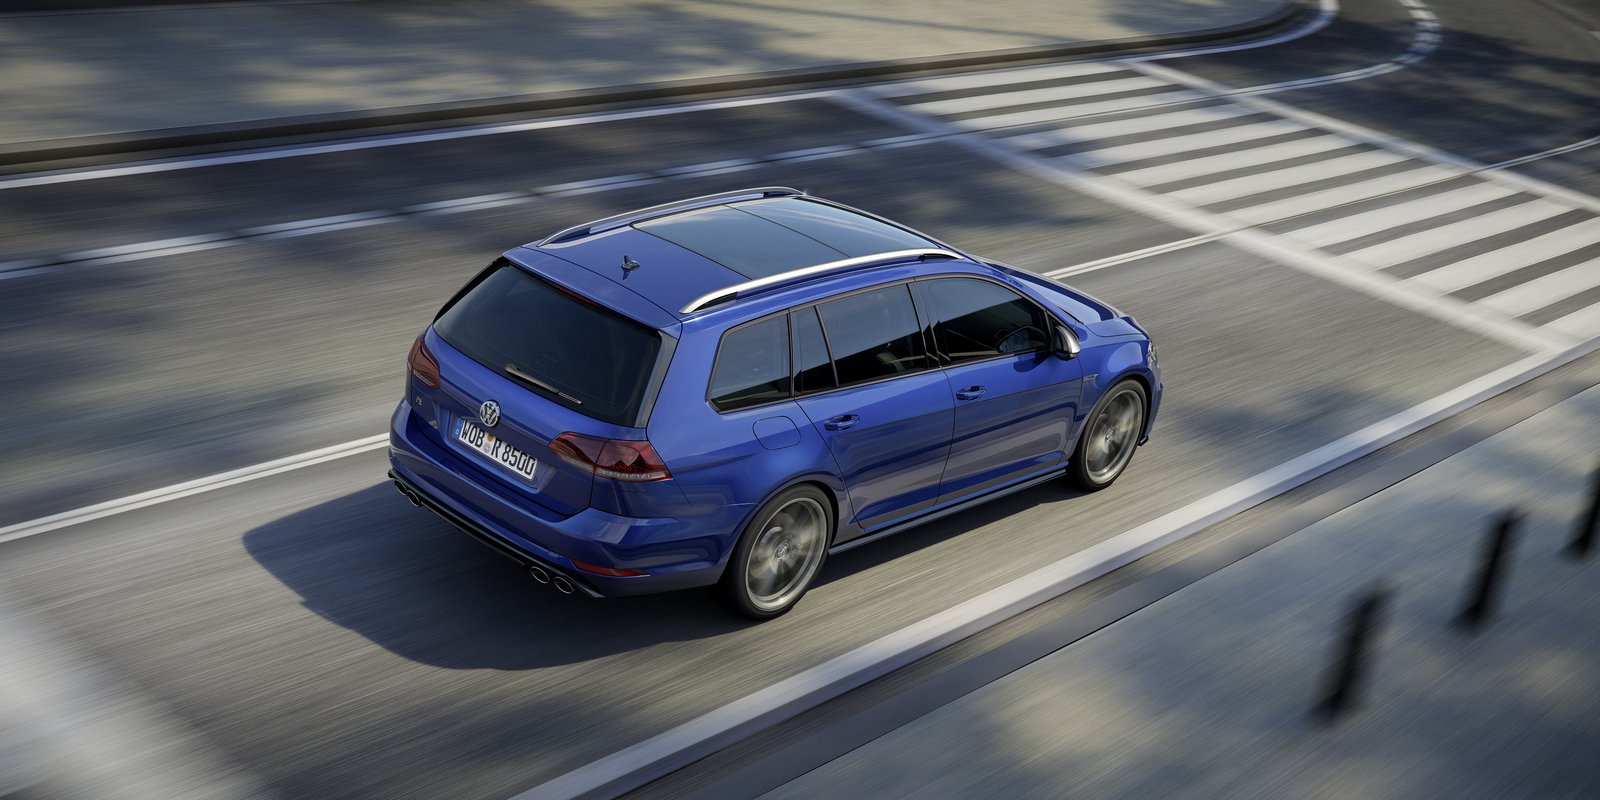 Улучшенный VW Golf Rполучил дополнительные 10 «лошадок»